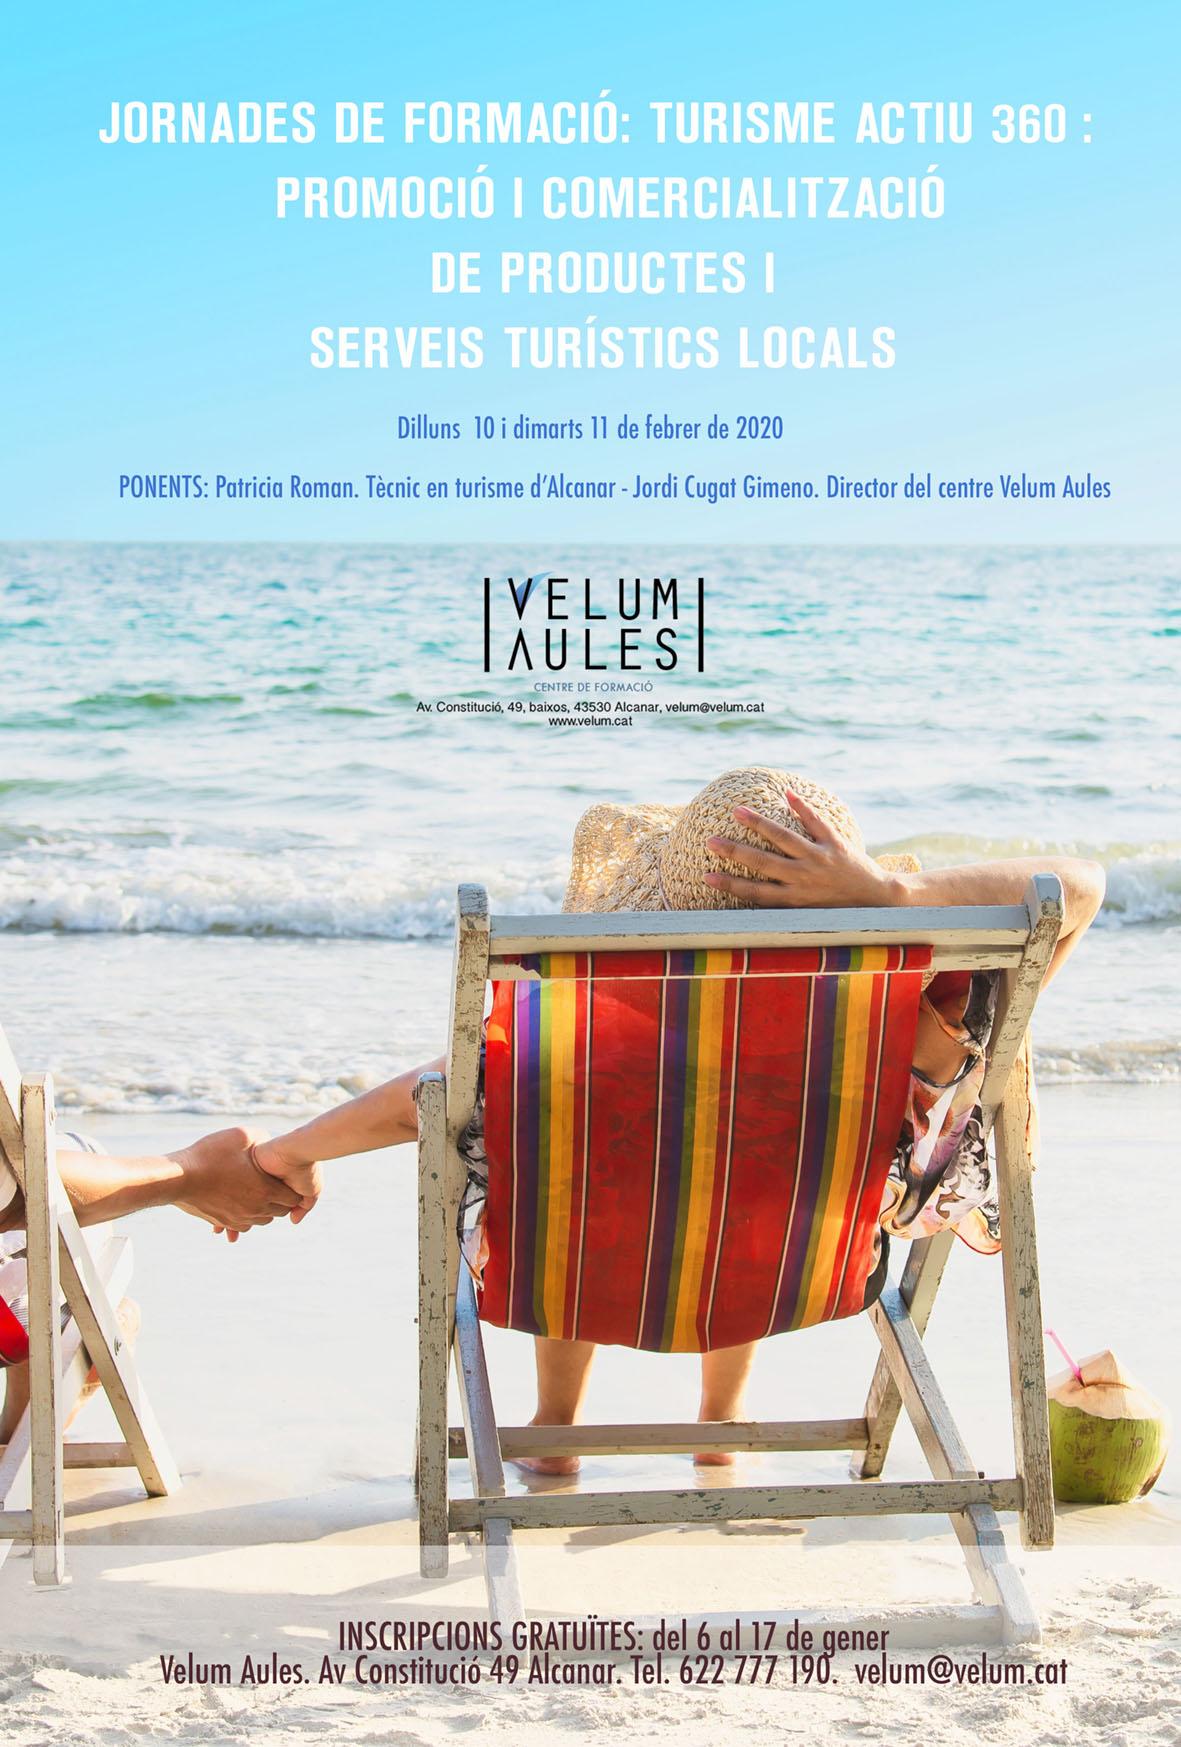 Turisme Actiu 360: Promoció i comercialització de productes i serveis turístics locals.